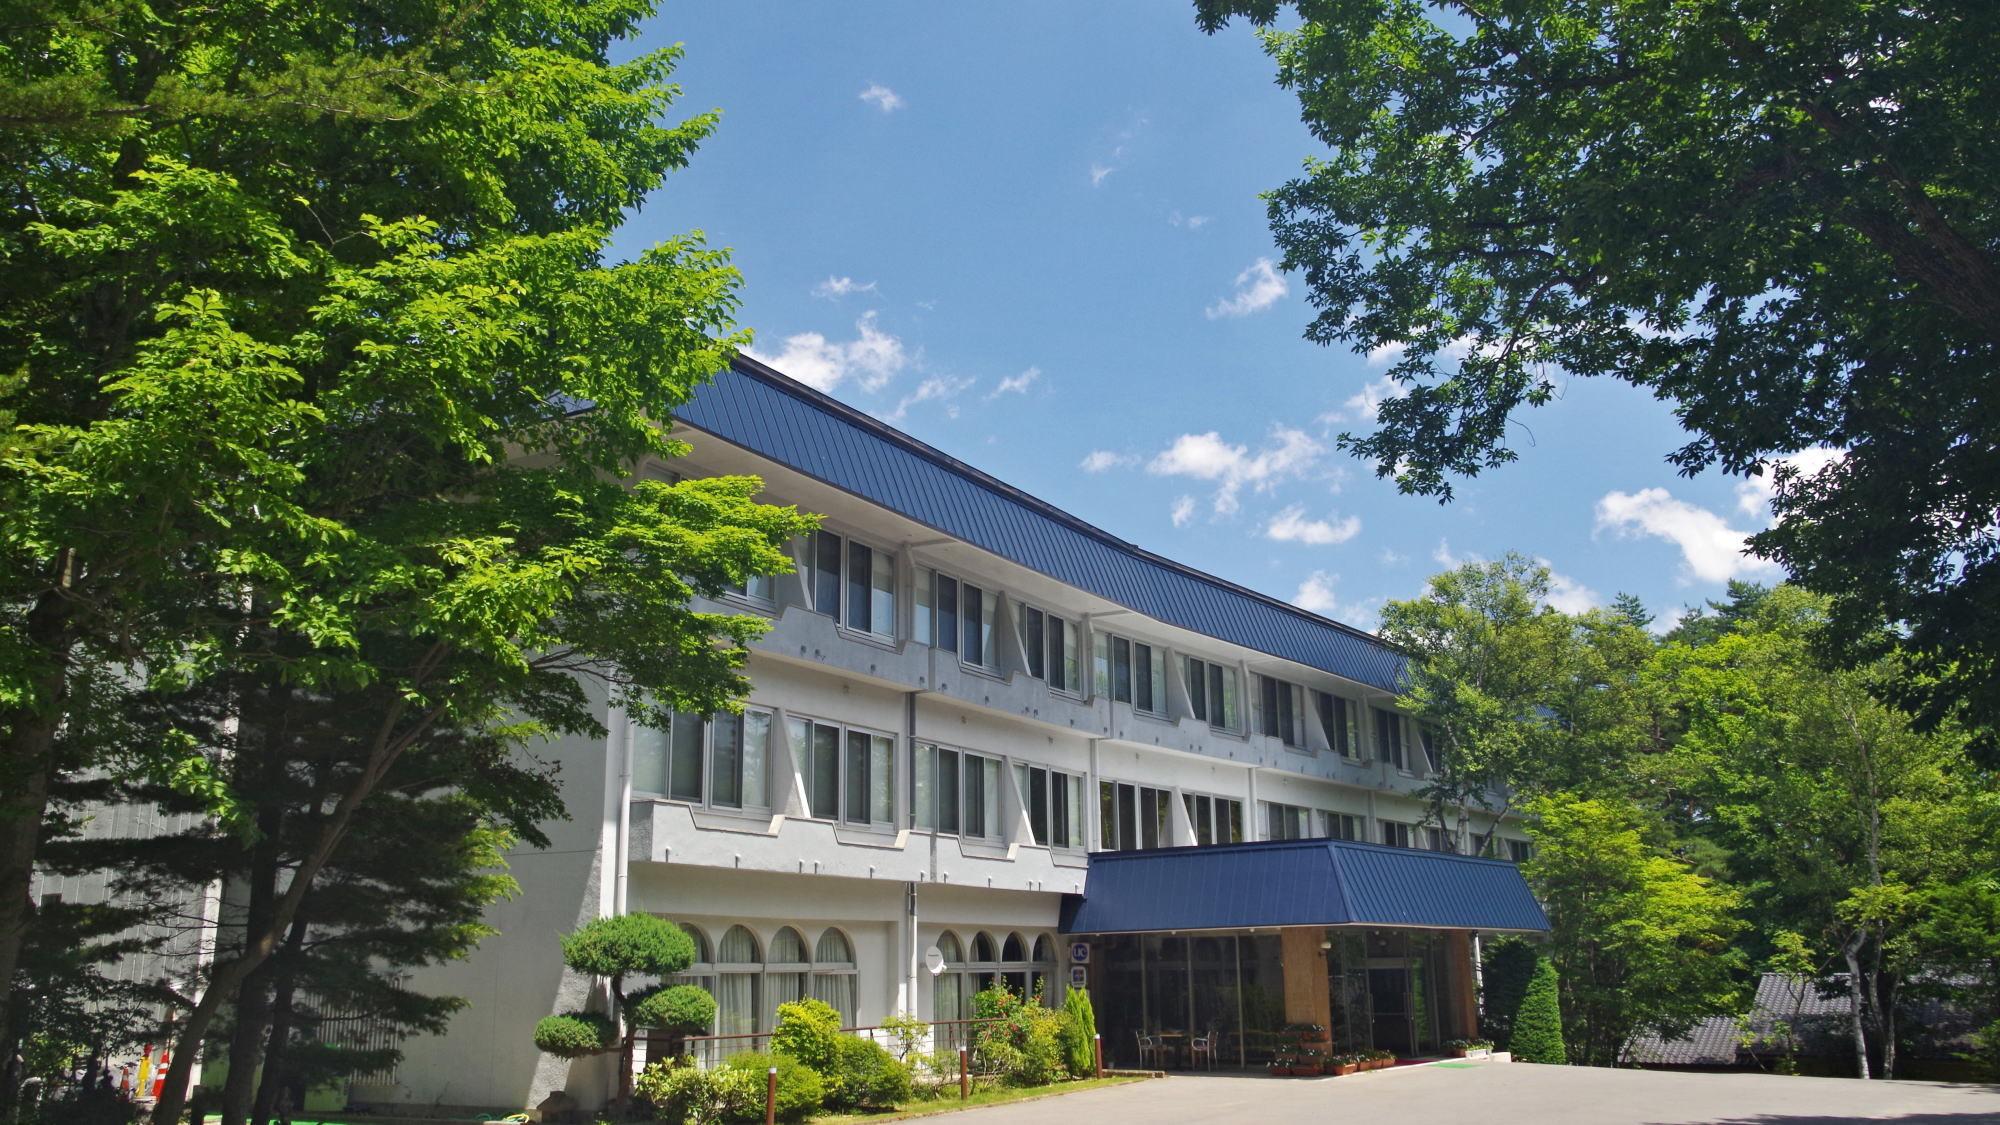 草津温泉 草津スカイランドホテル